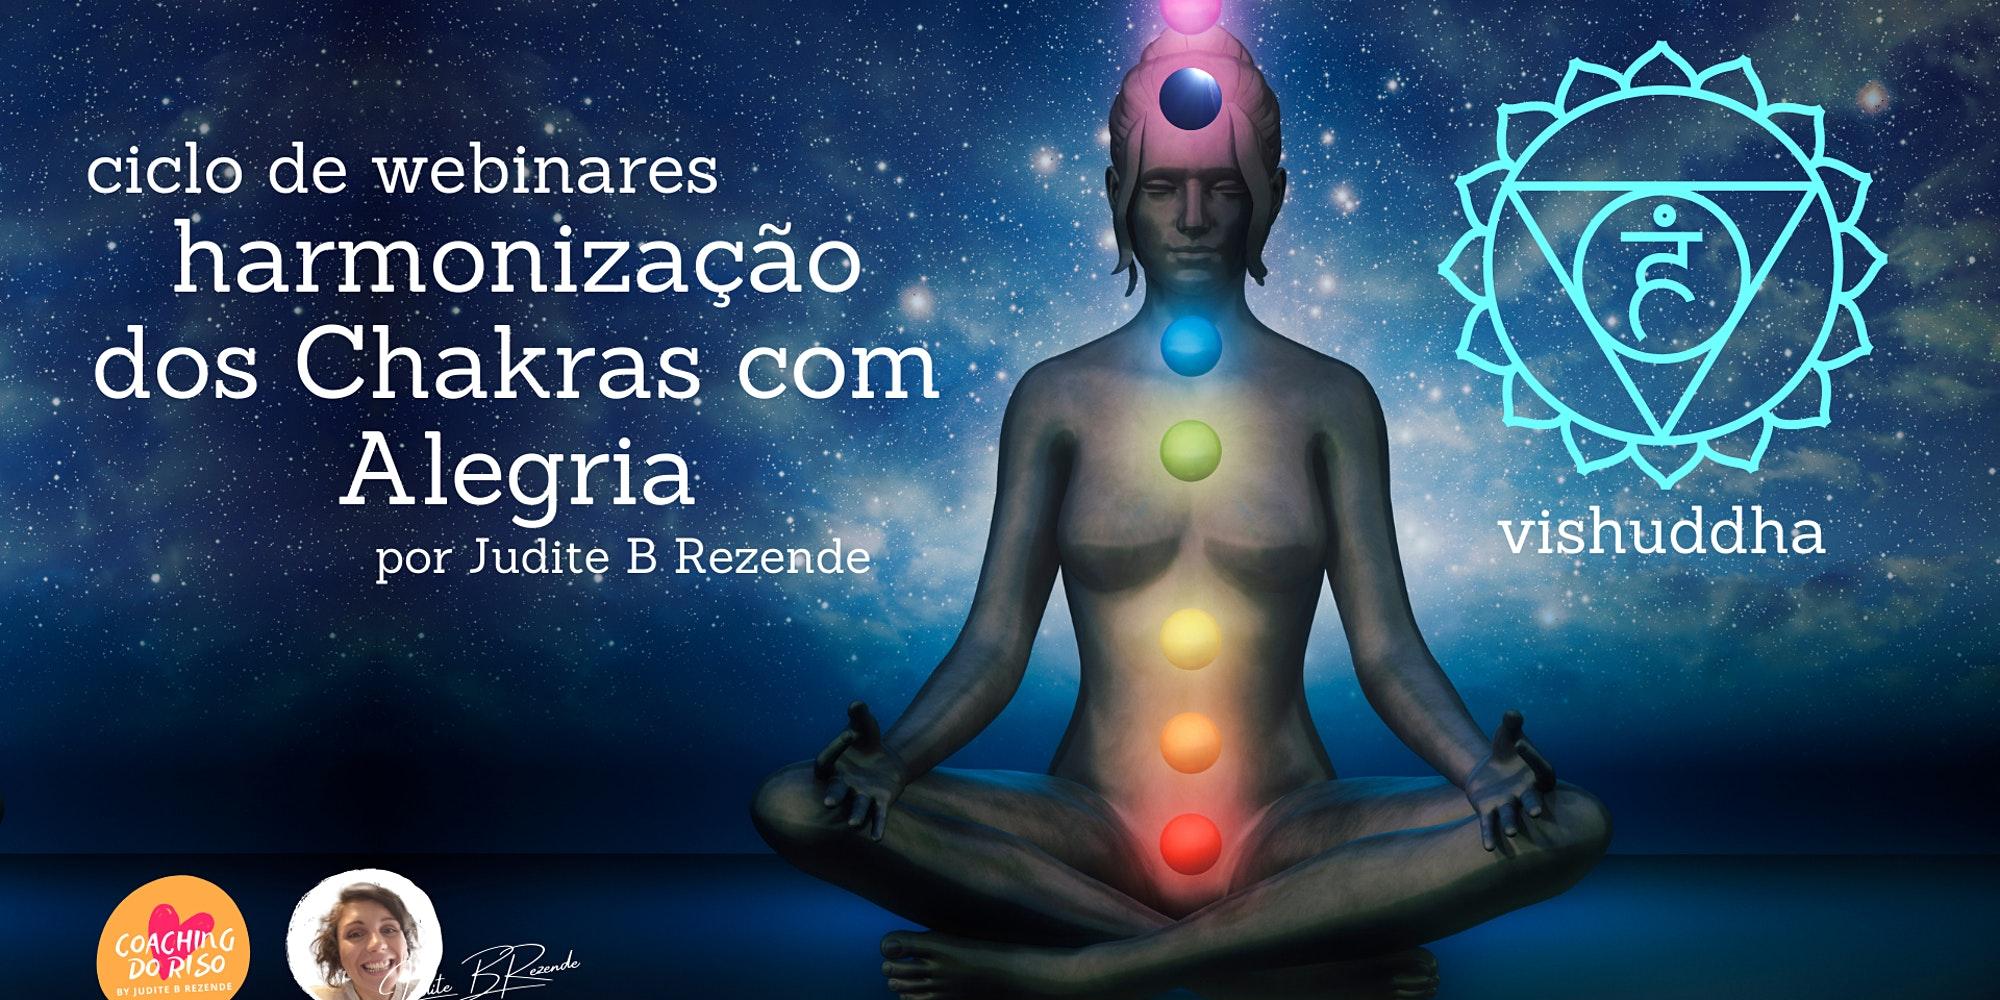 Harmonização dos Chakras com Alegria - Vishuddha